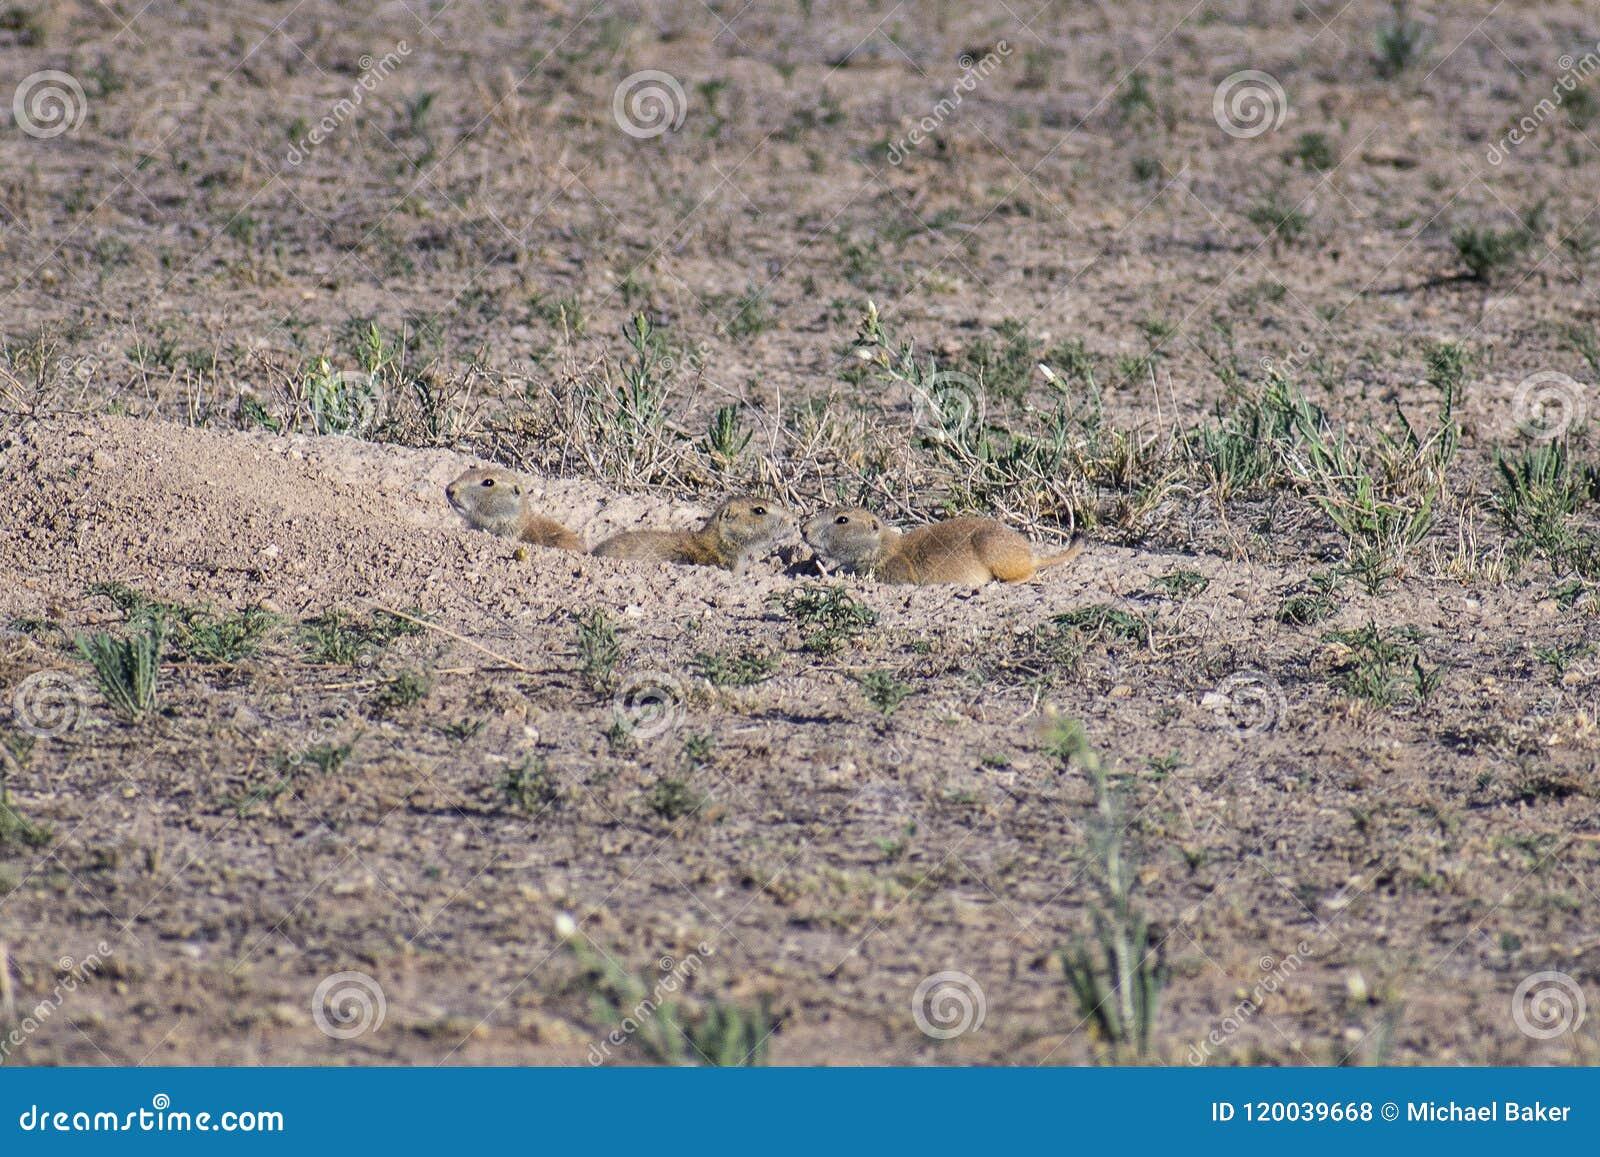 草原土拨鼠伴侣,紧贴在门道入口